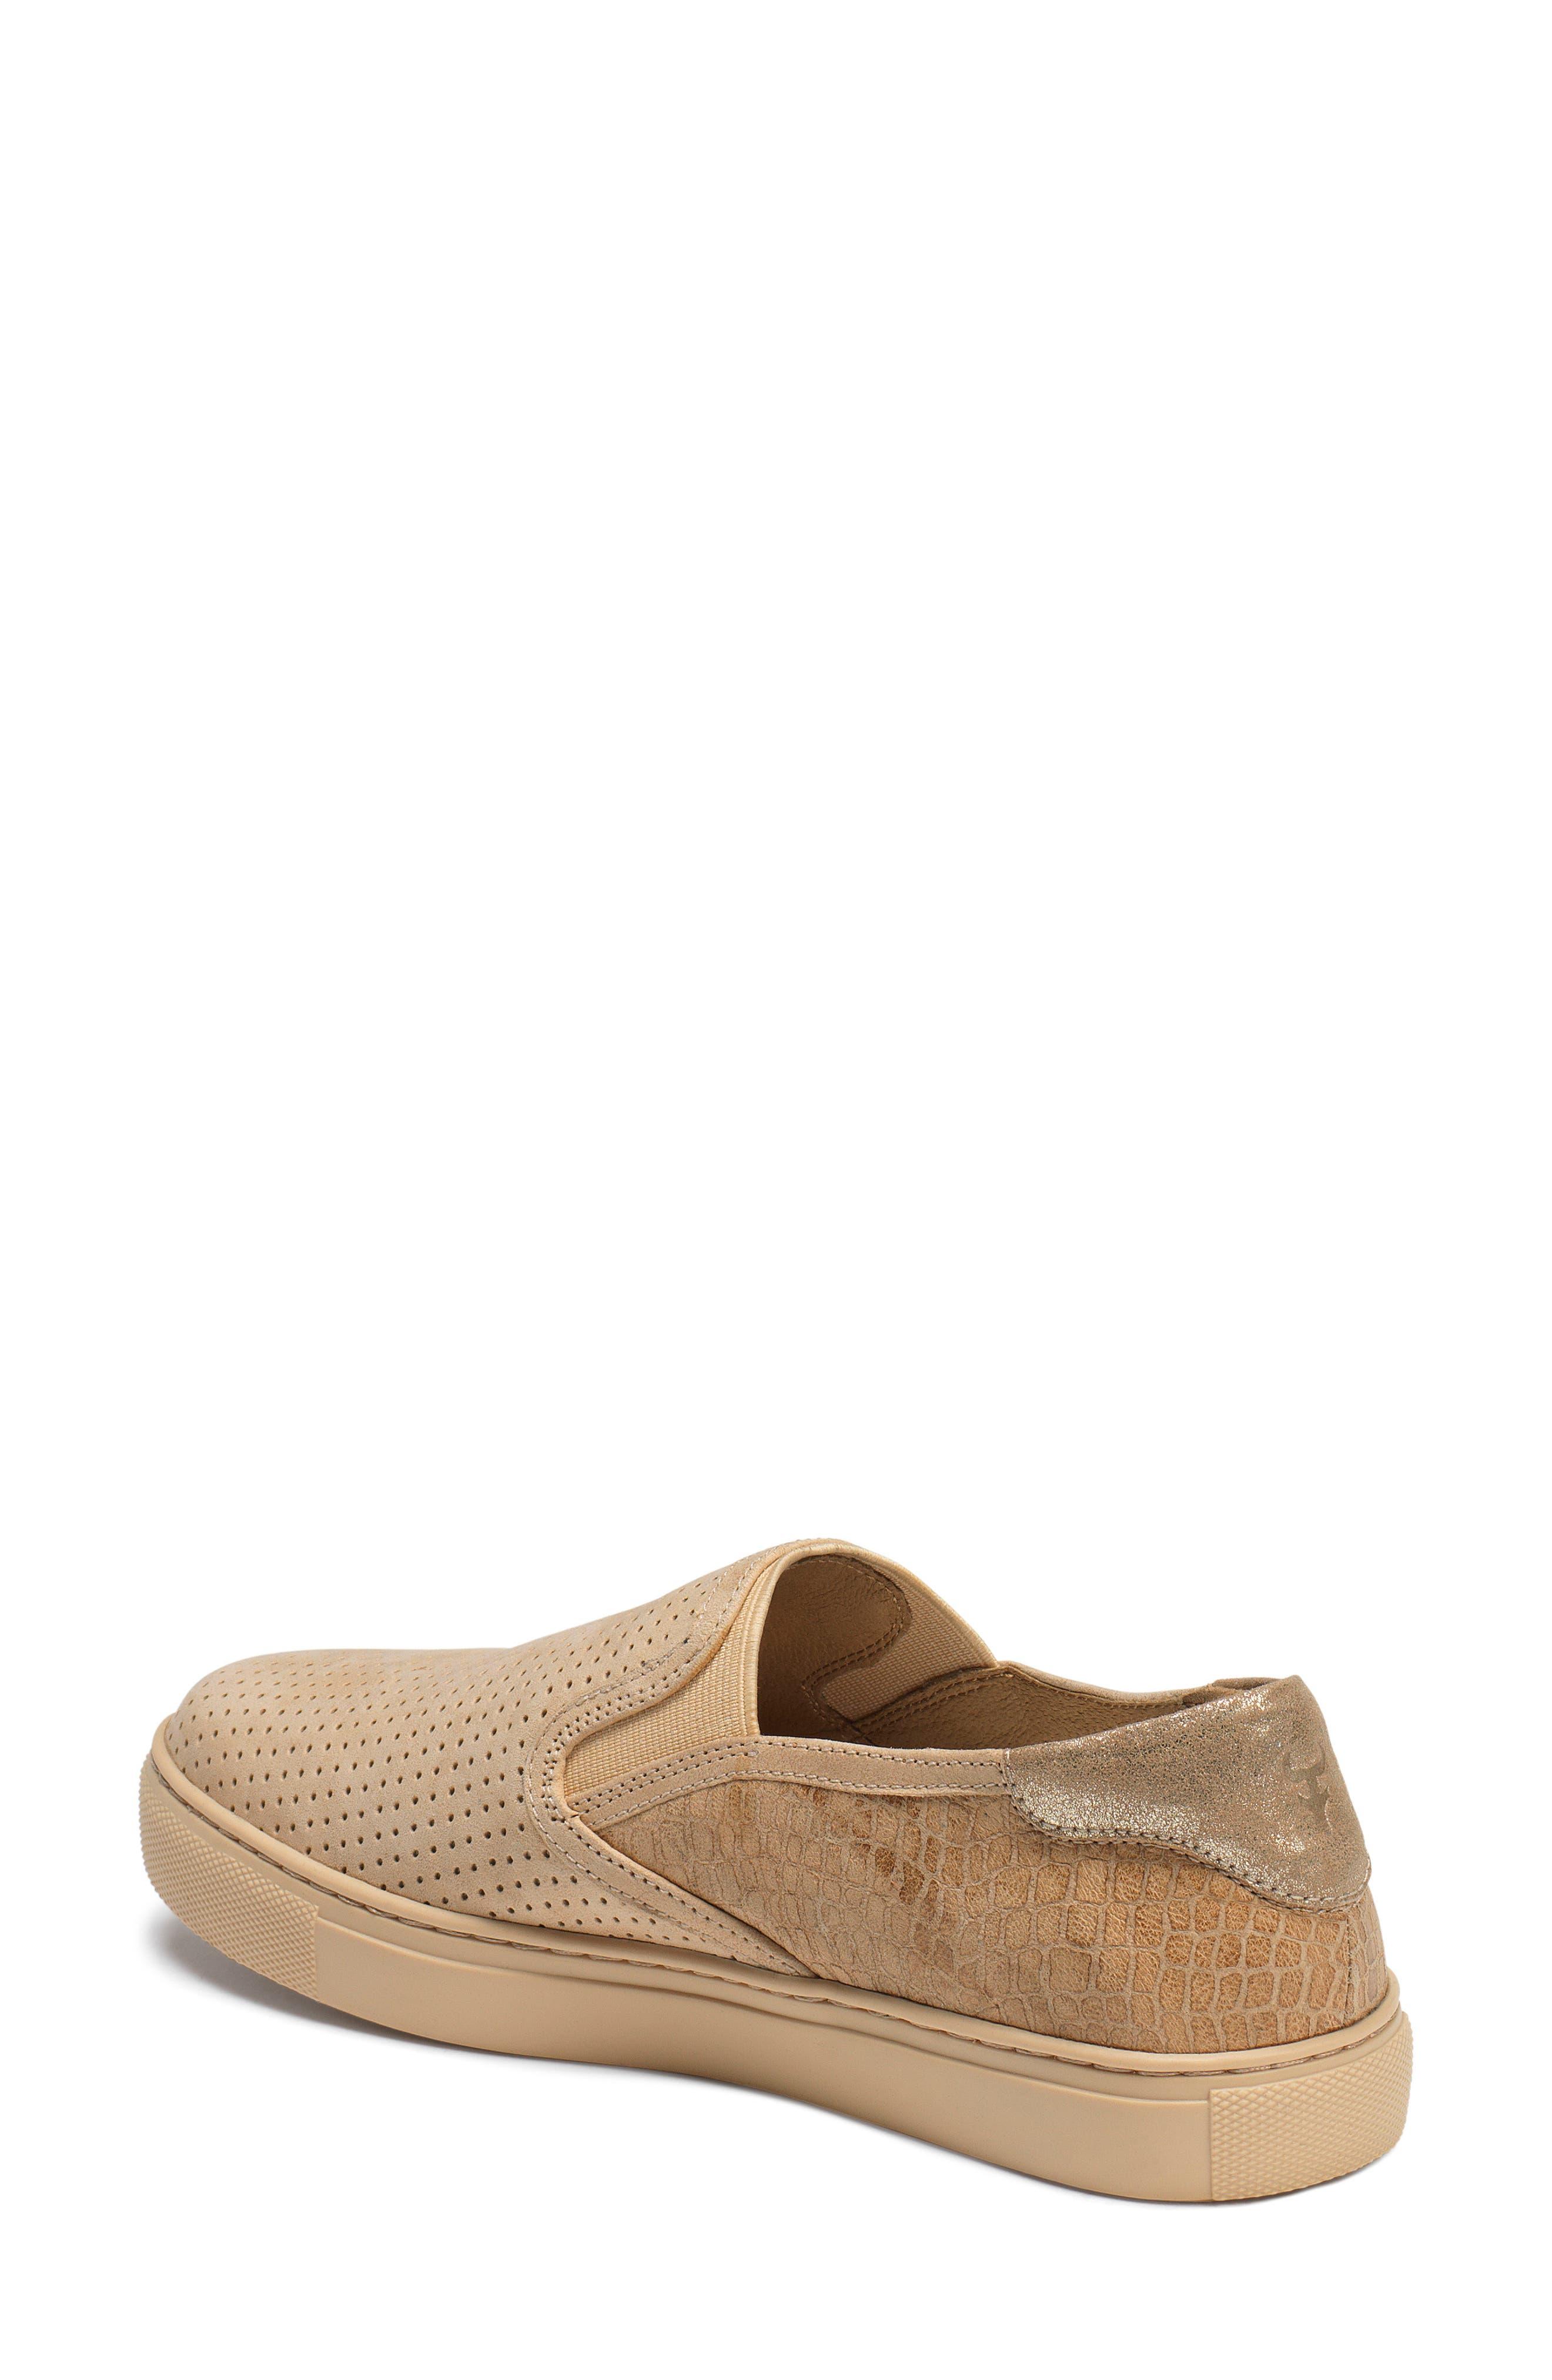 Alternate Image 2  - Trask Lillian Water Resistant Slip-On Sneaker (Women)